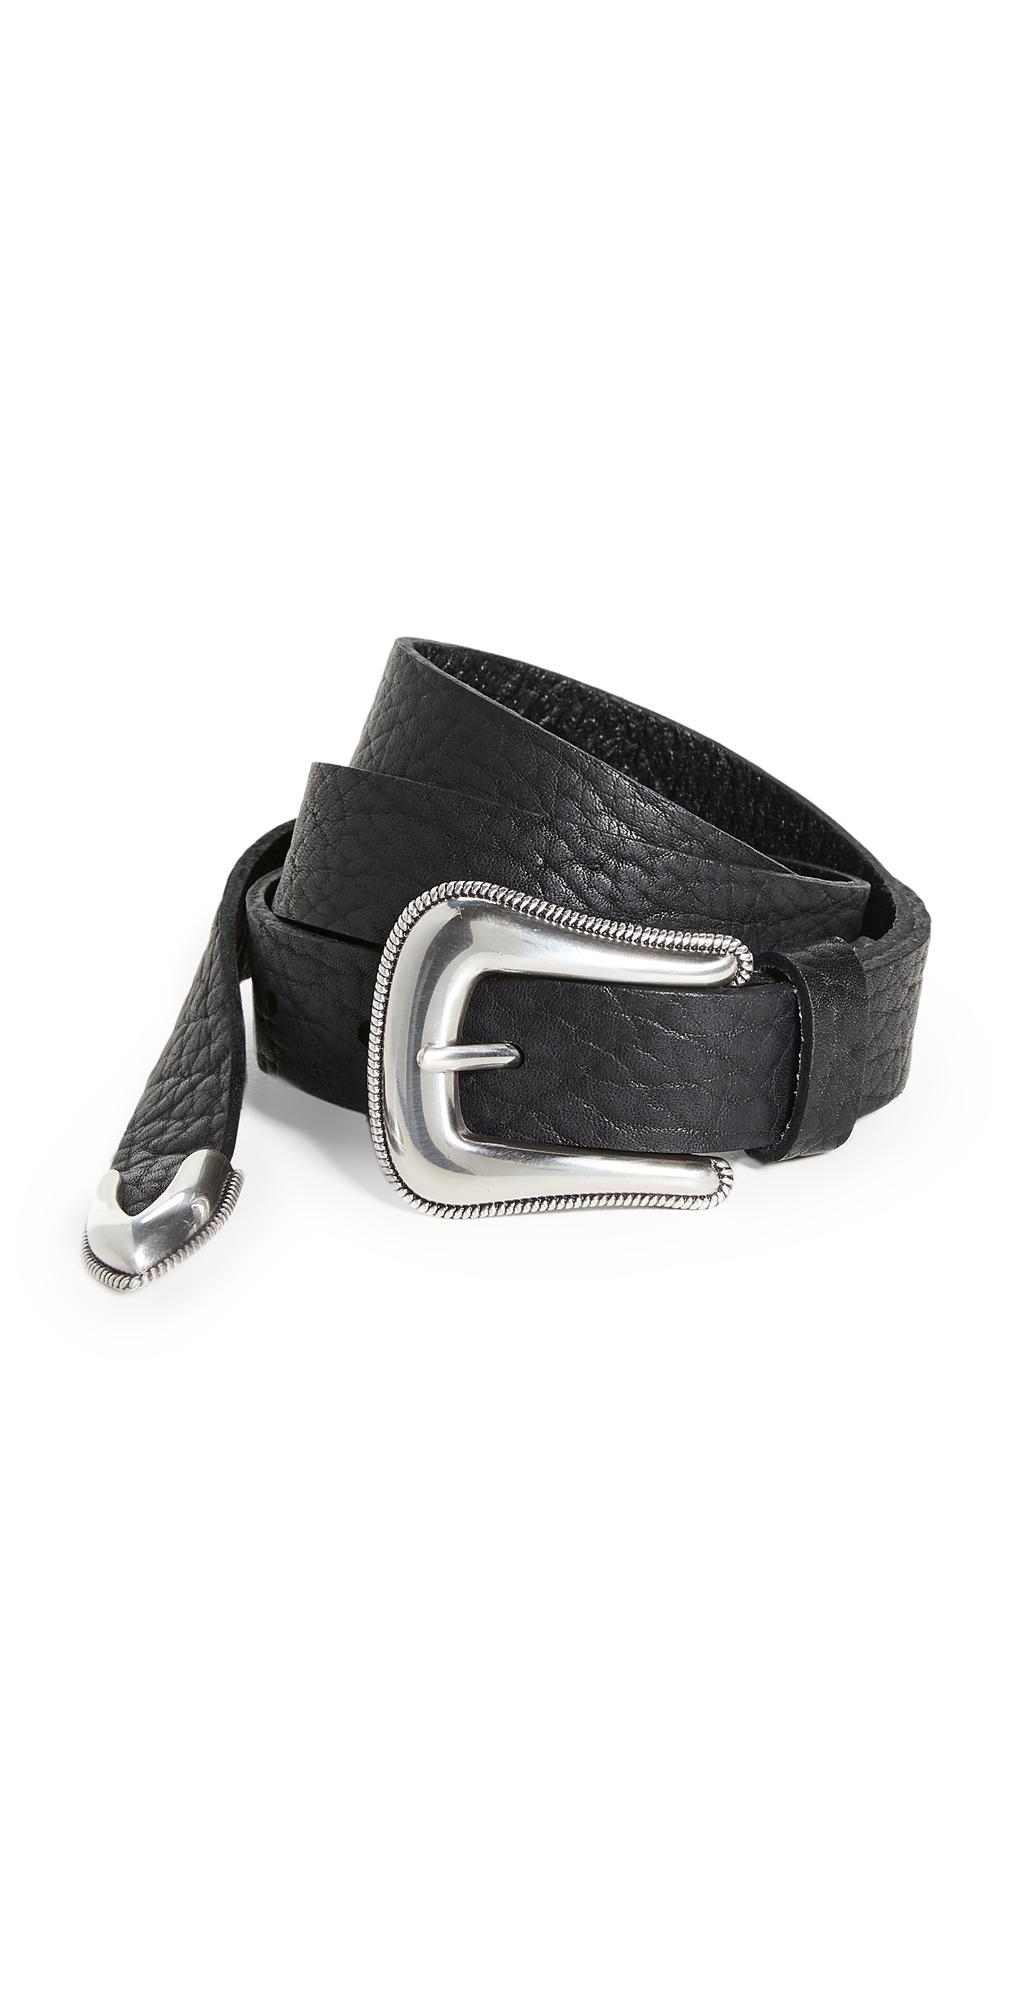 Taos Mini Belt